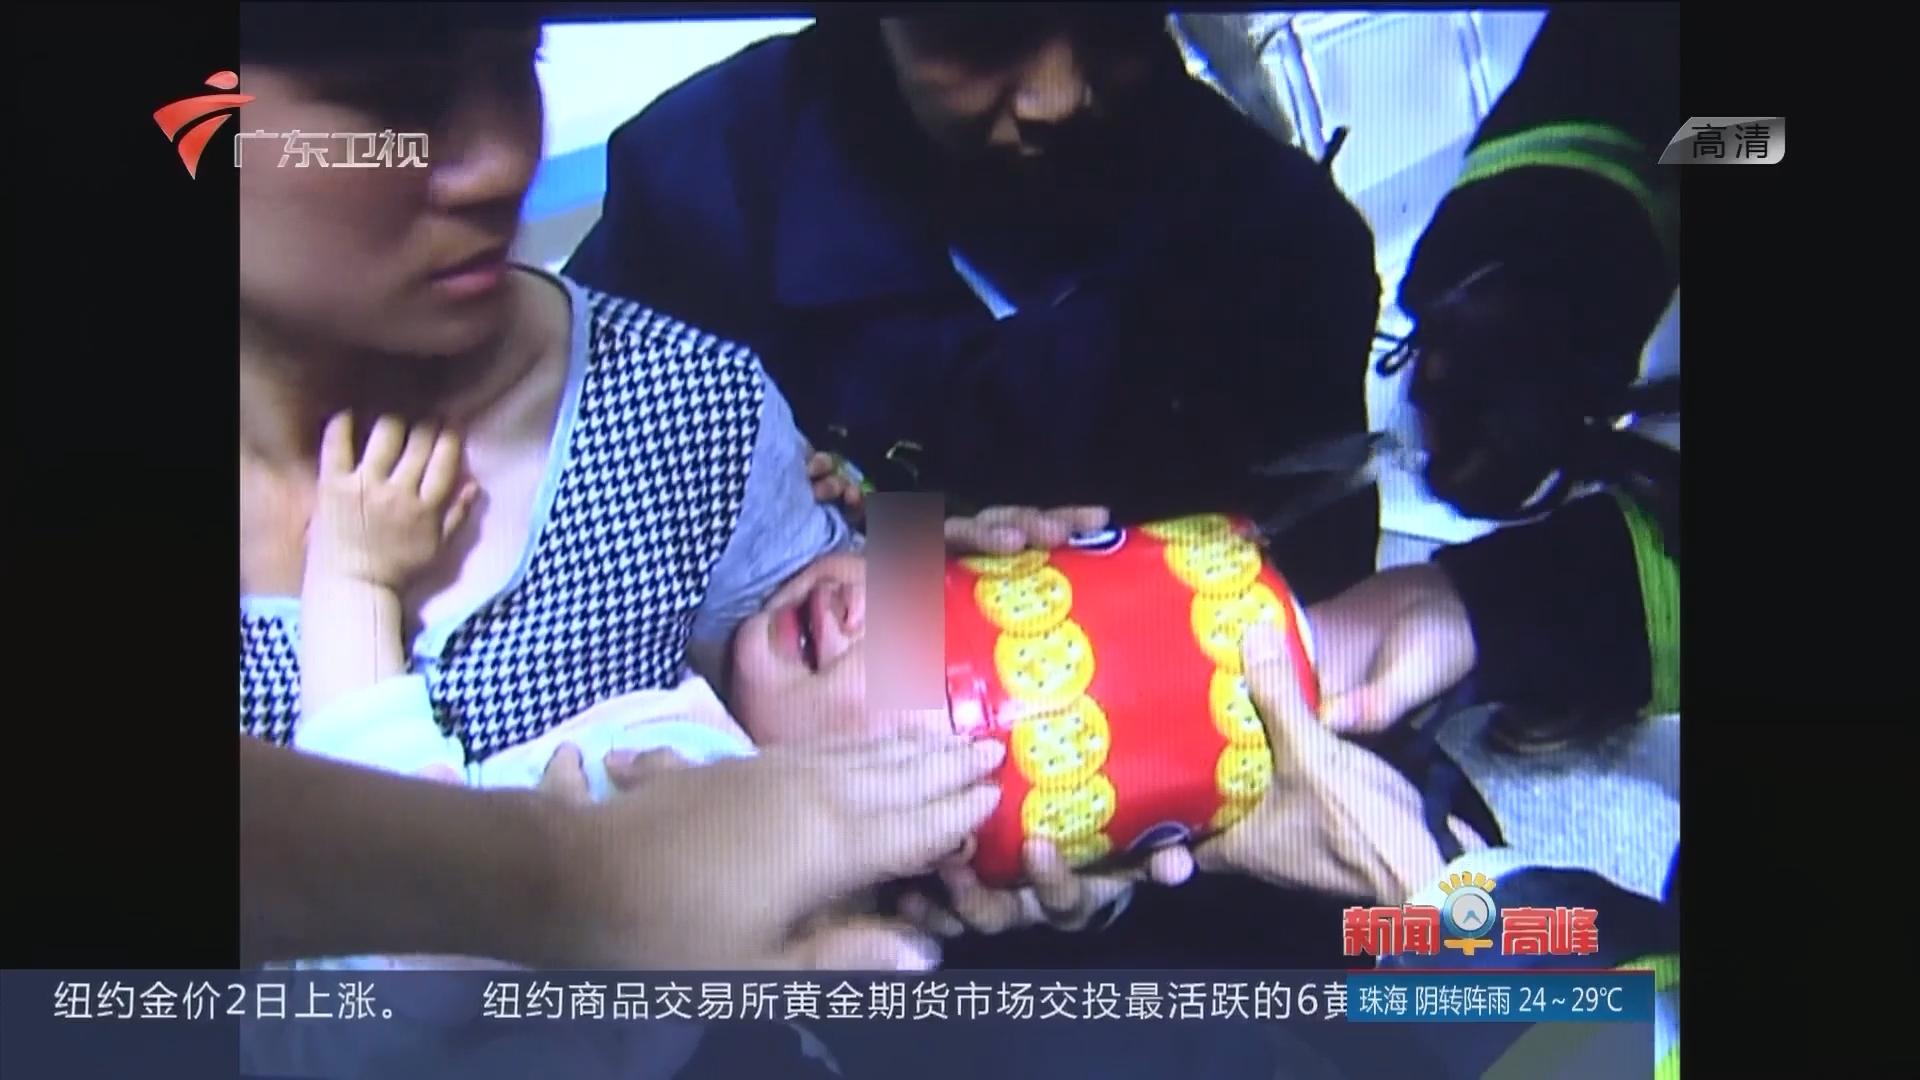 中山:饼干罐倒扣 2岁女童头被夹